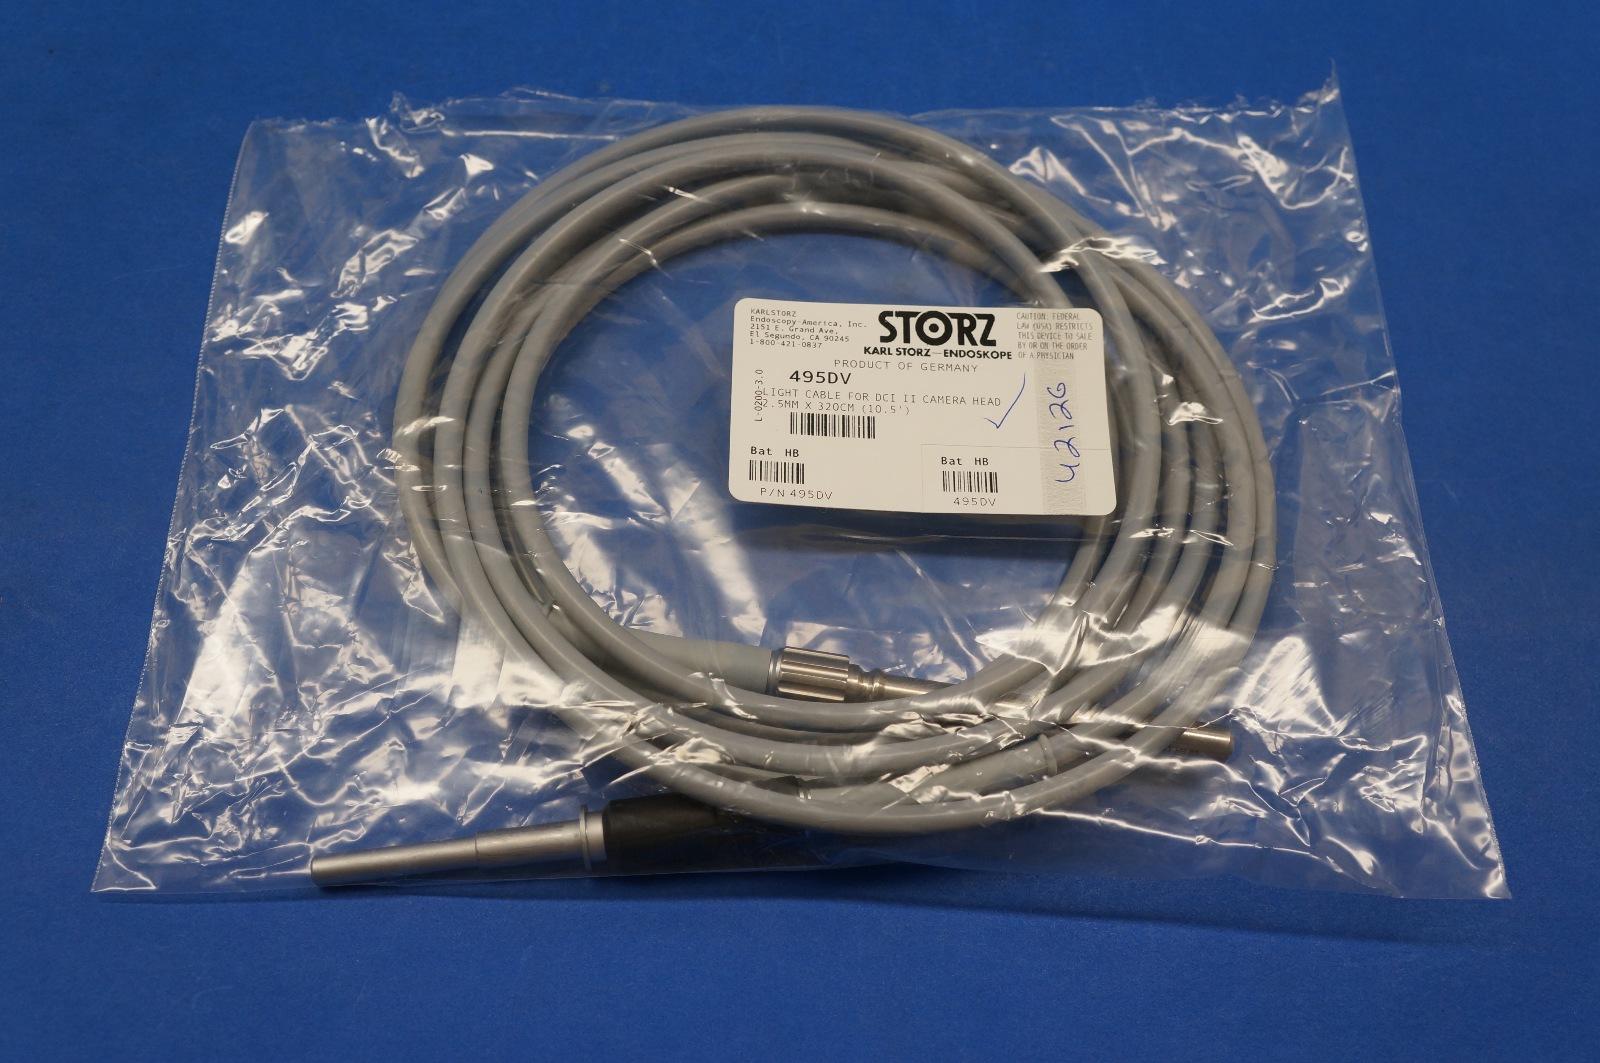 karl storz 495dv fiber optic light cable 2 5 mm diameter length